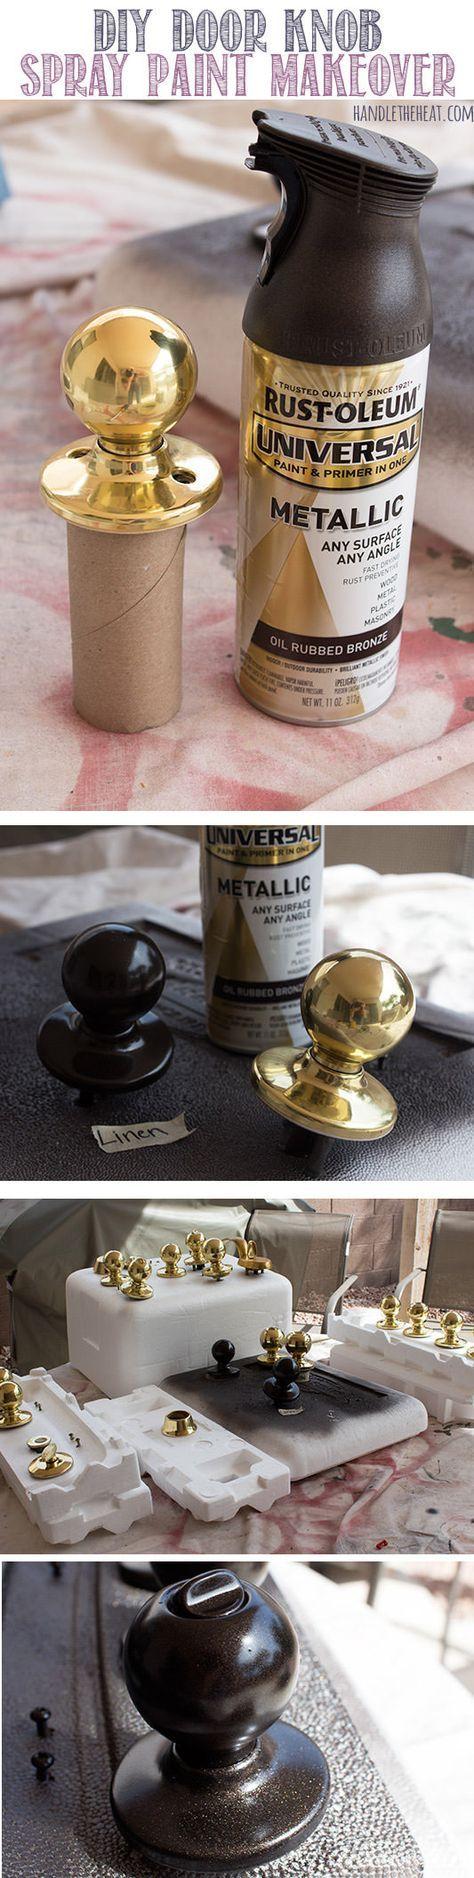 Best 25+ Diy door knobs ideas on Pinterest | Painted door knobs ...